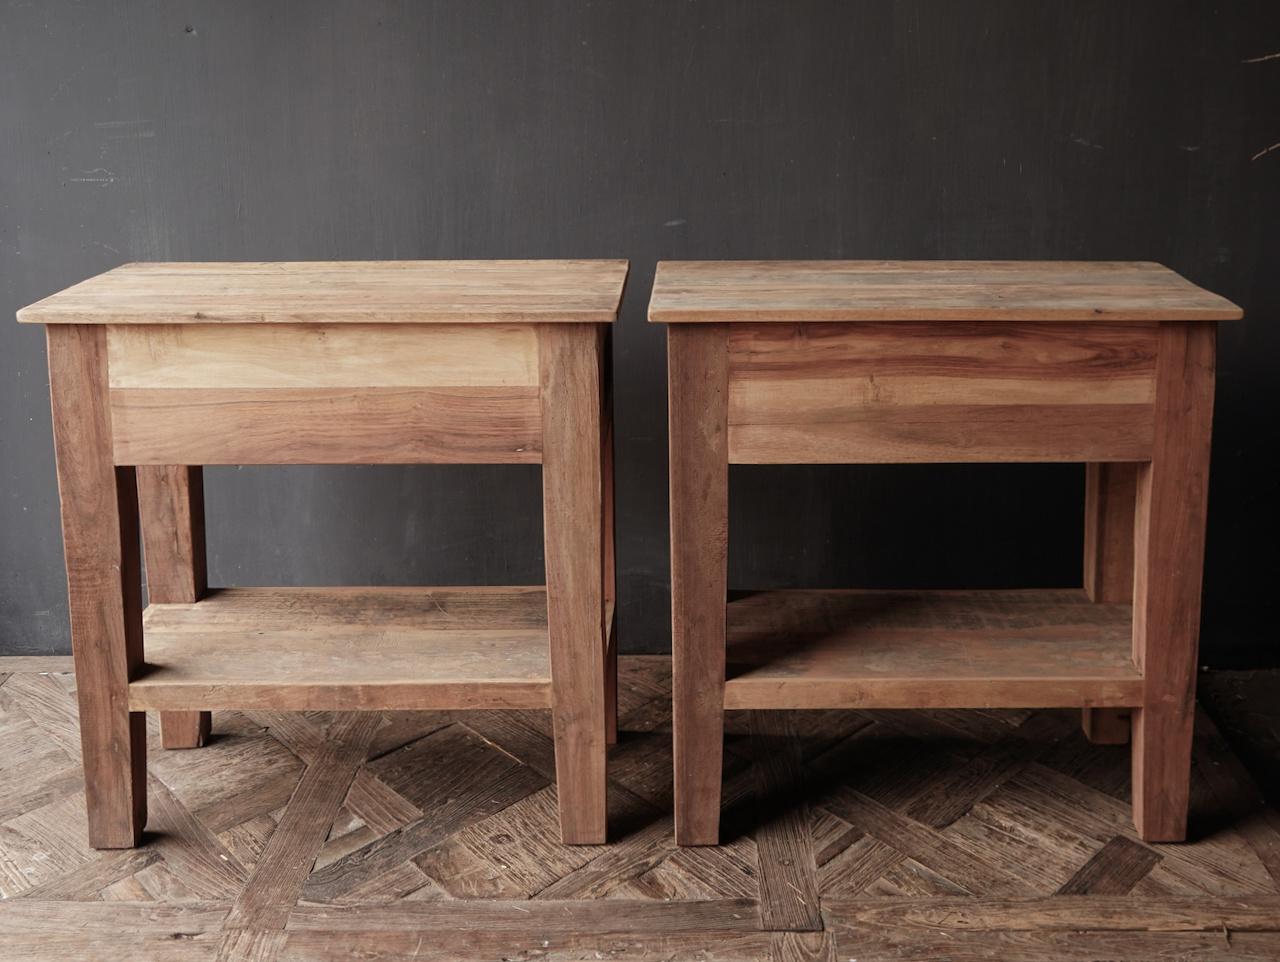 Stoer Robuust oud houten Sidetable oftewel muurtafel met een lade-4